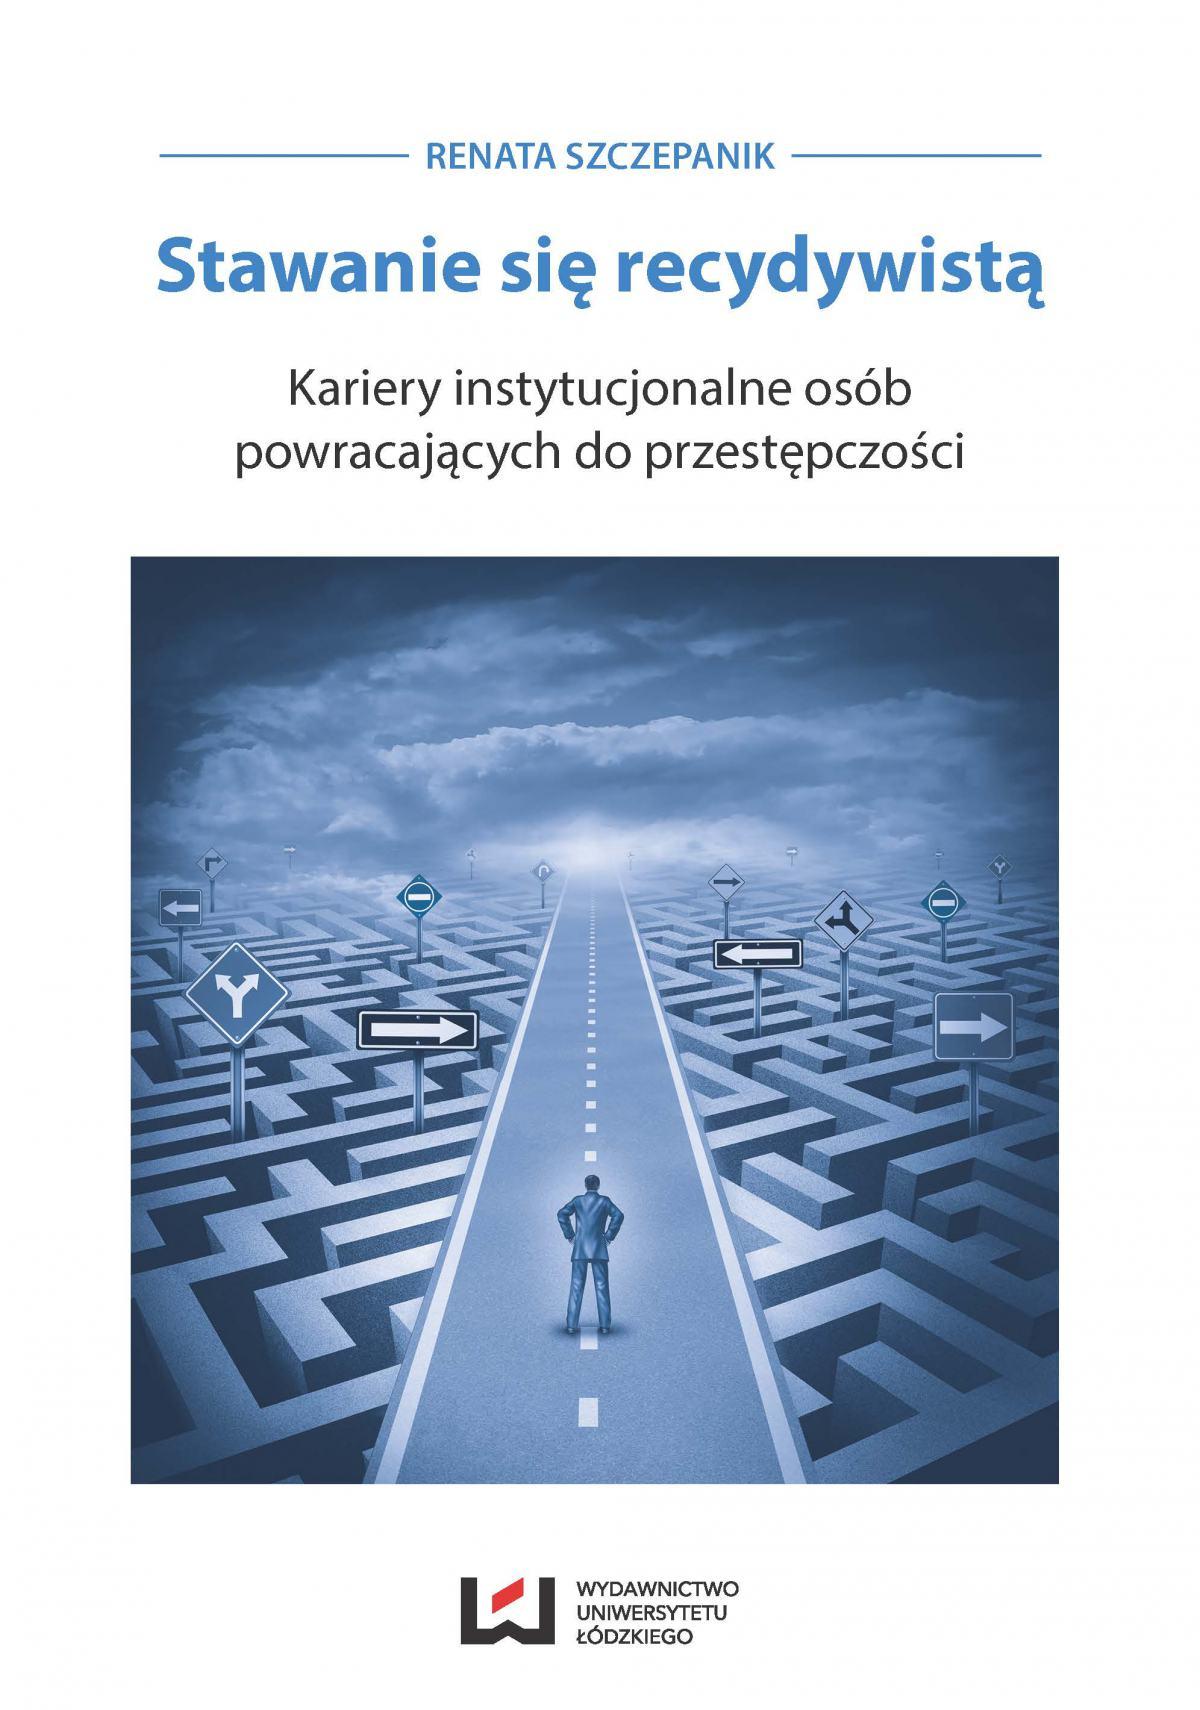 Stawanie się recydywistą. Kariery instytucjonalne osób powracających do przestępczości - Ebook (Książka PDF) do pobrania w formacie PDF